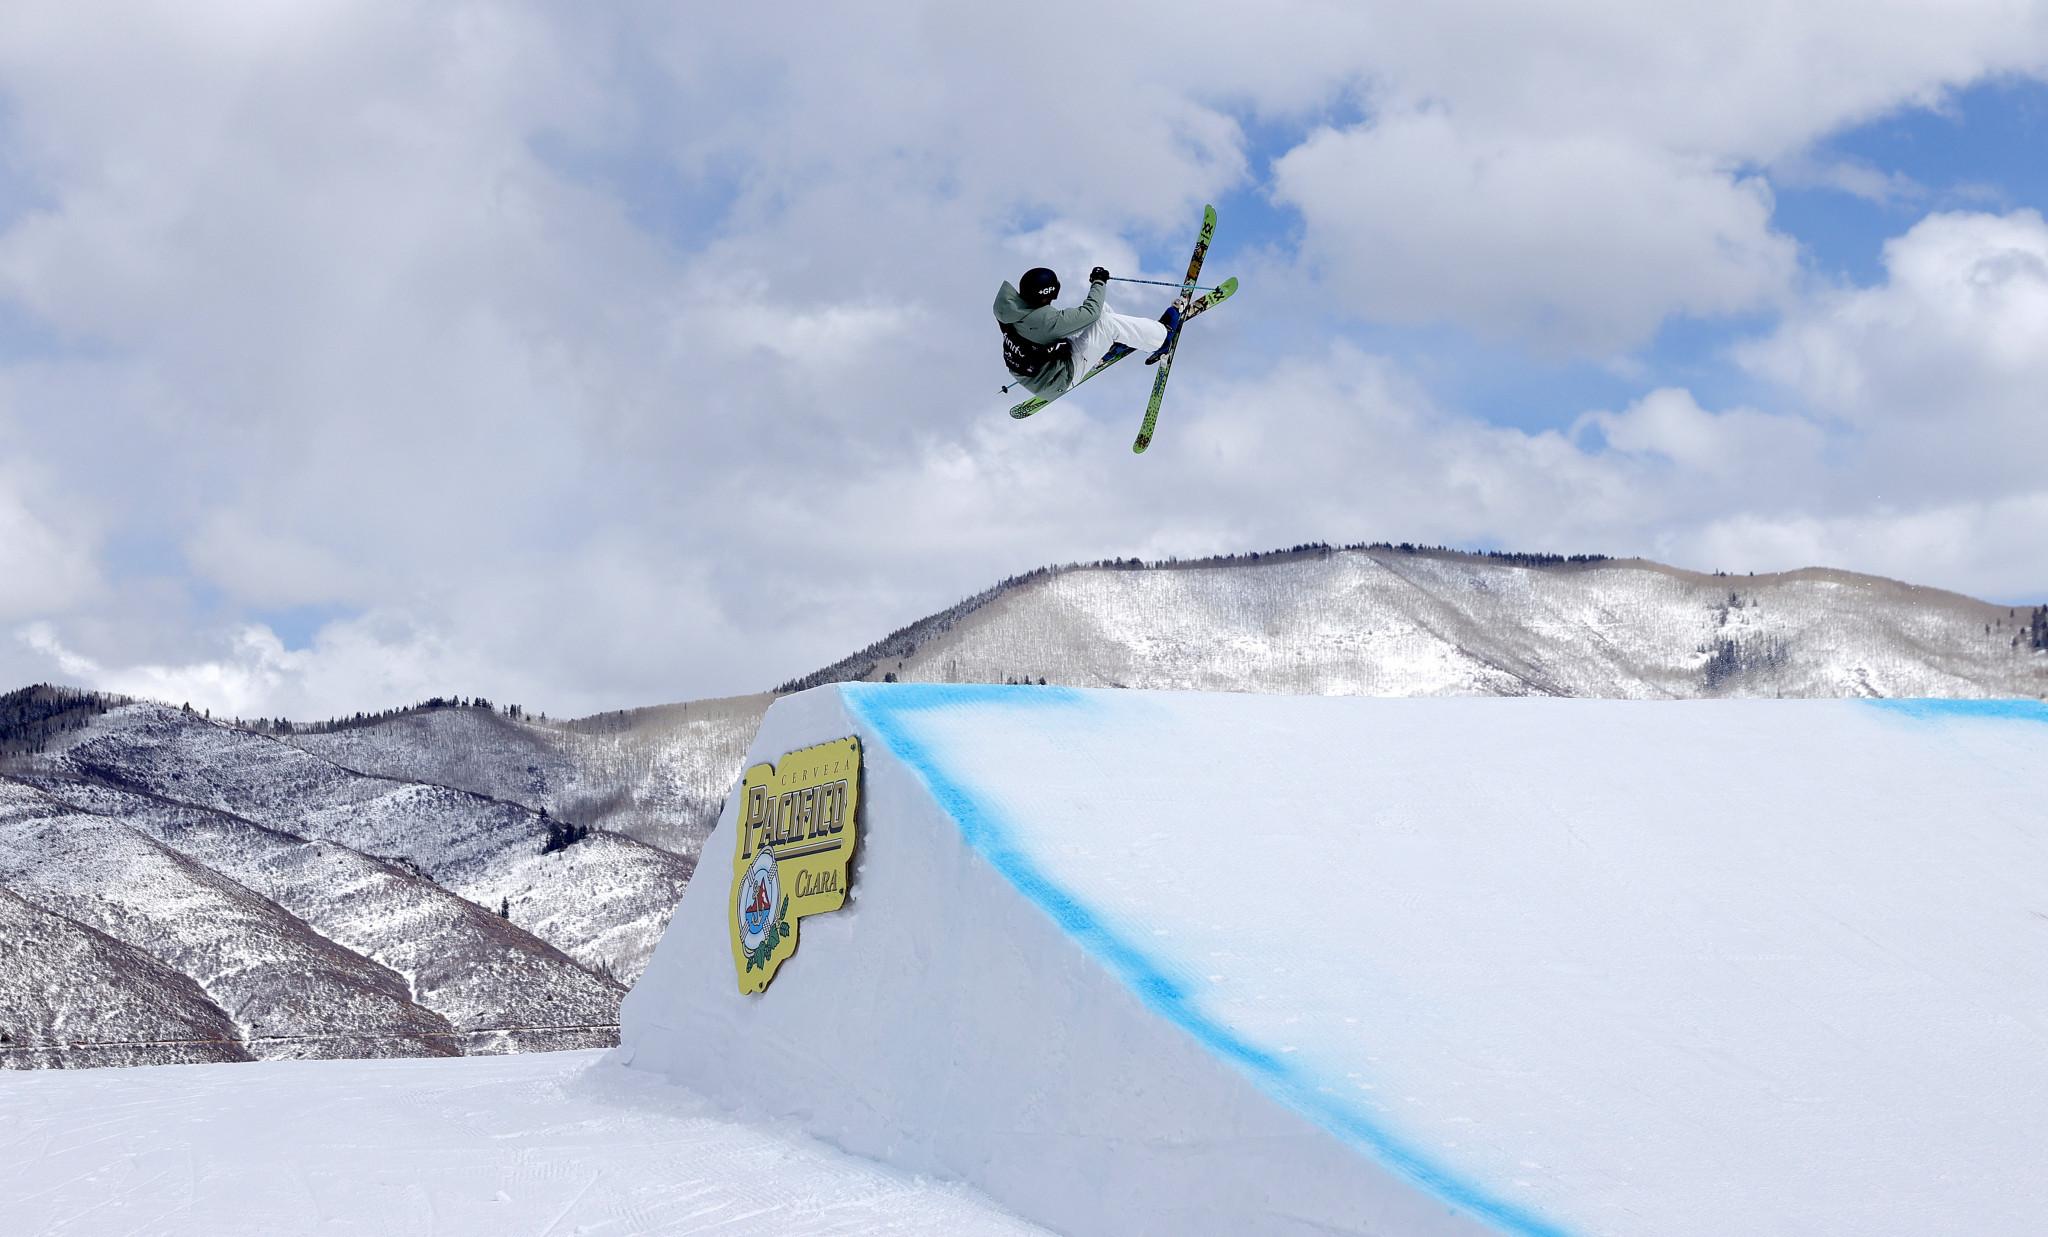 Andri Ragettli of Switzerland won gold in the men's freeski slopestyle in Aspen ©Getty Images